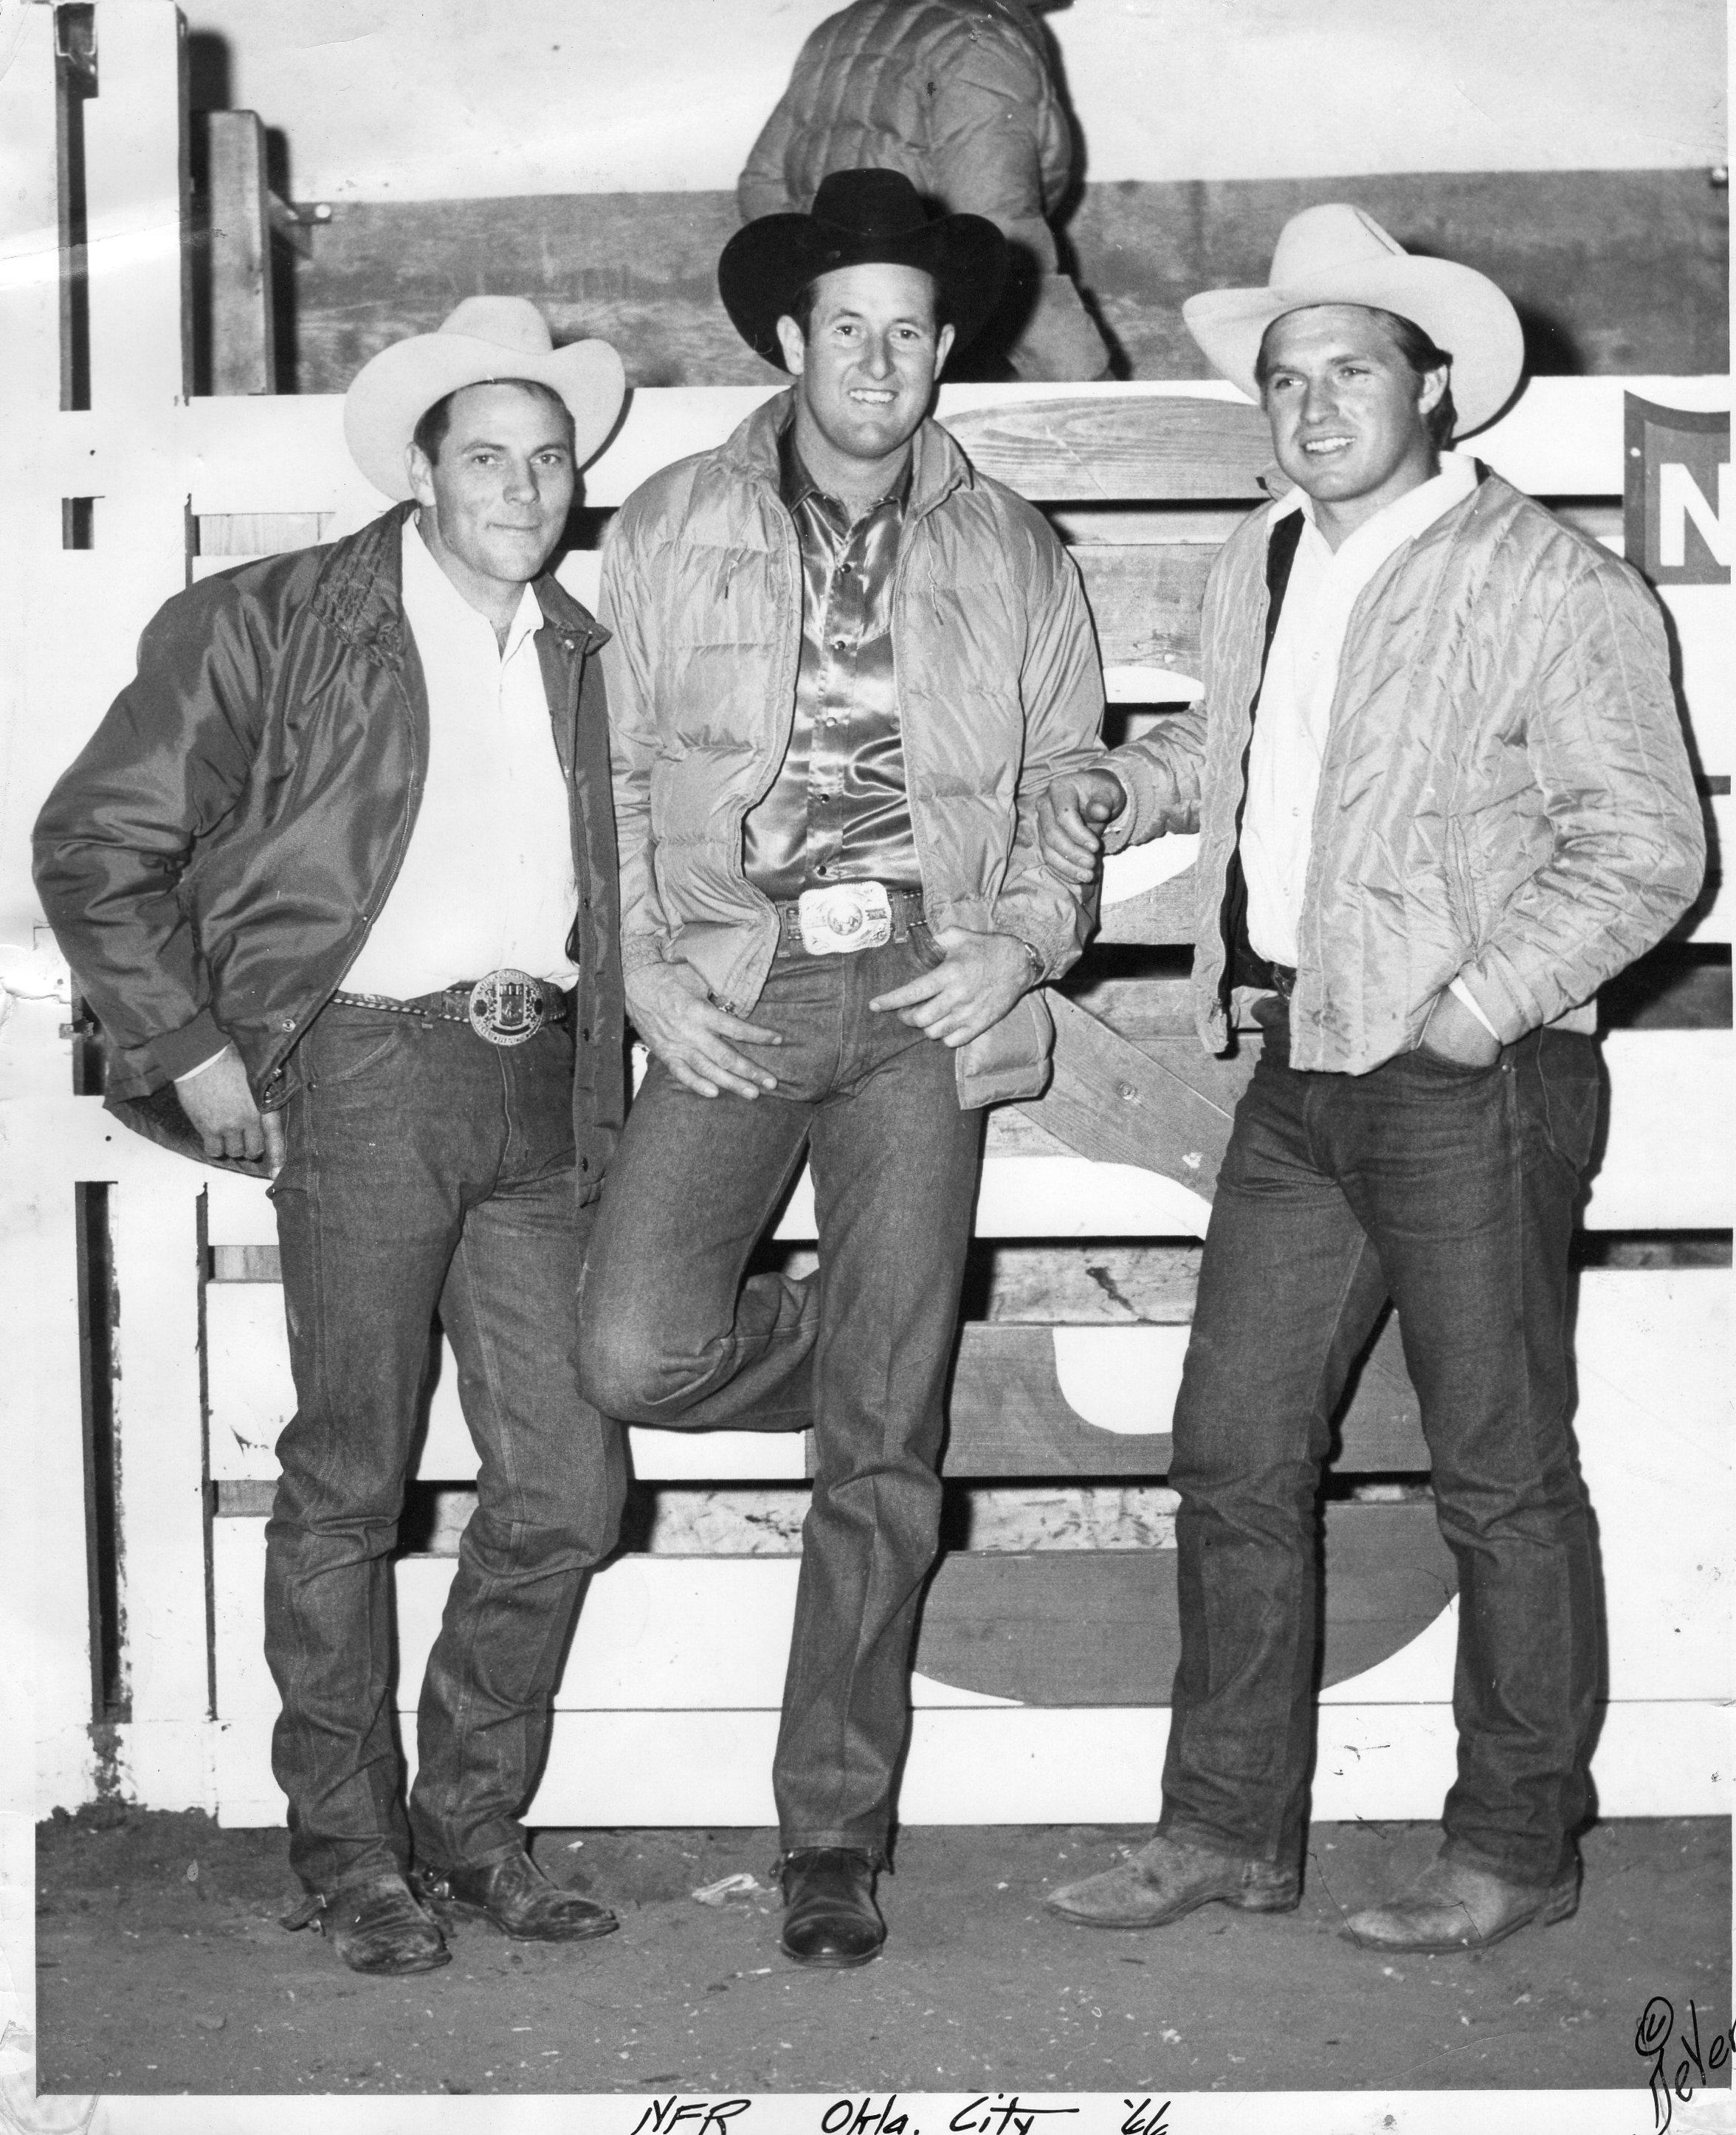 1966 NFR Oklahoma Photo DeVere